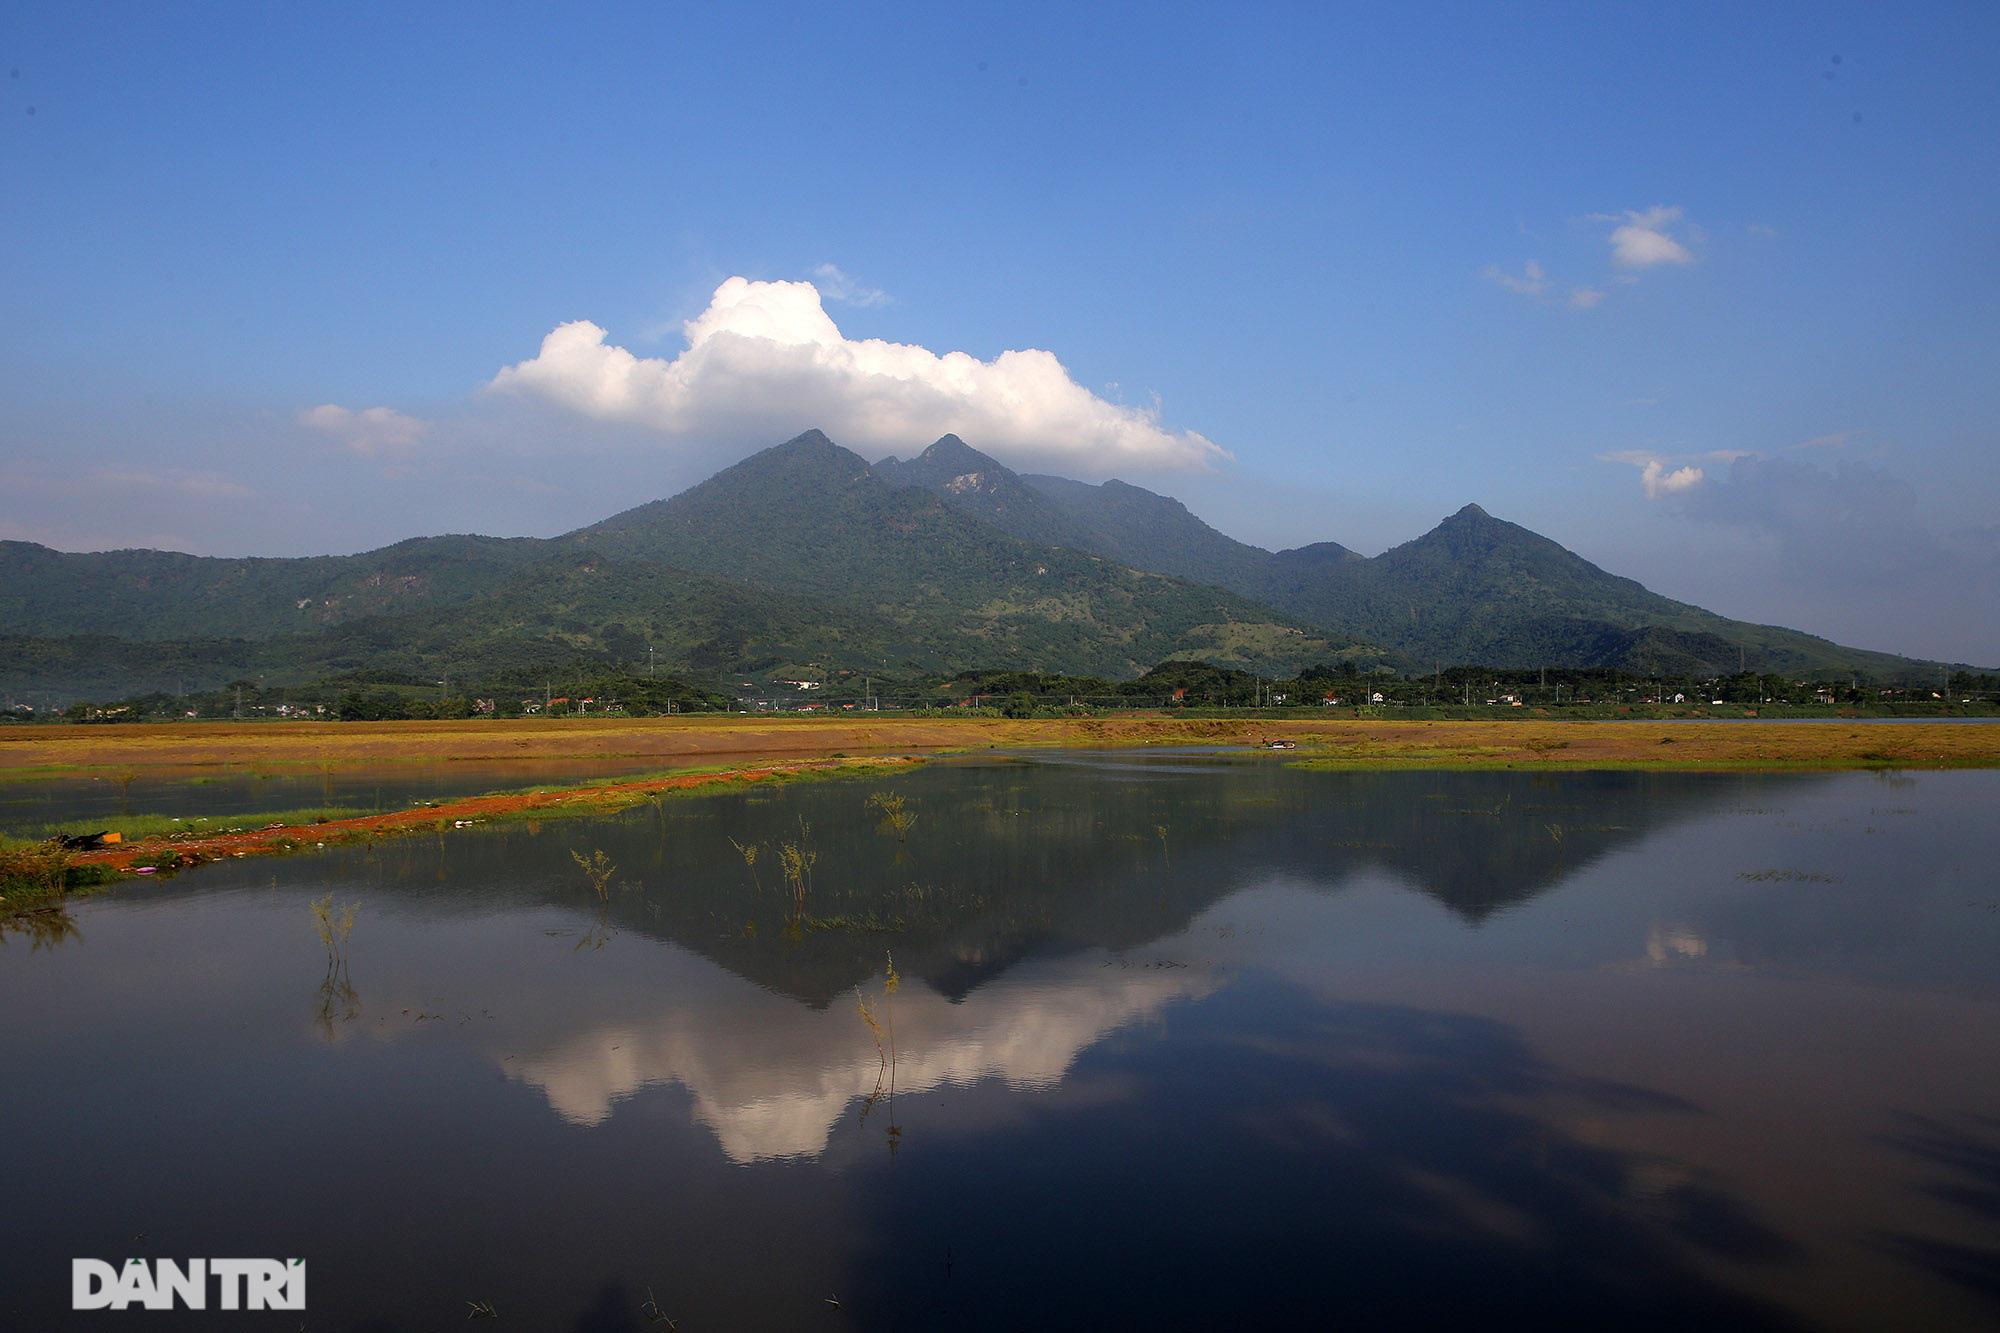 Núi thiêng gần Hà Nội đẹp mê mải nhìn từ muôn phương tám hướng - Ảnh 11.